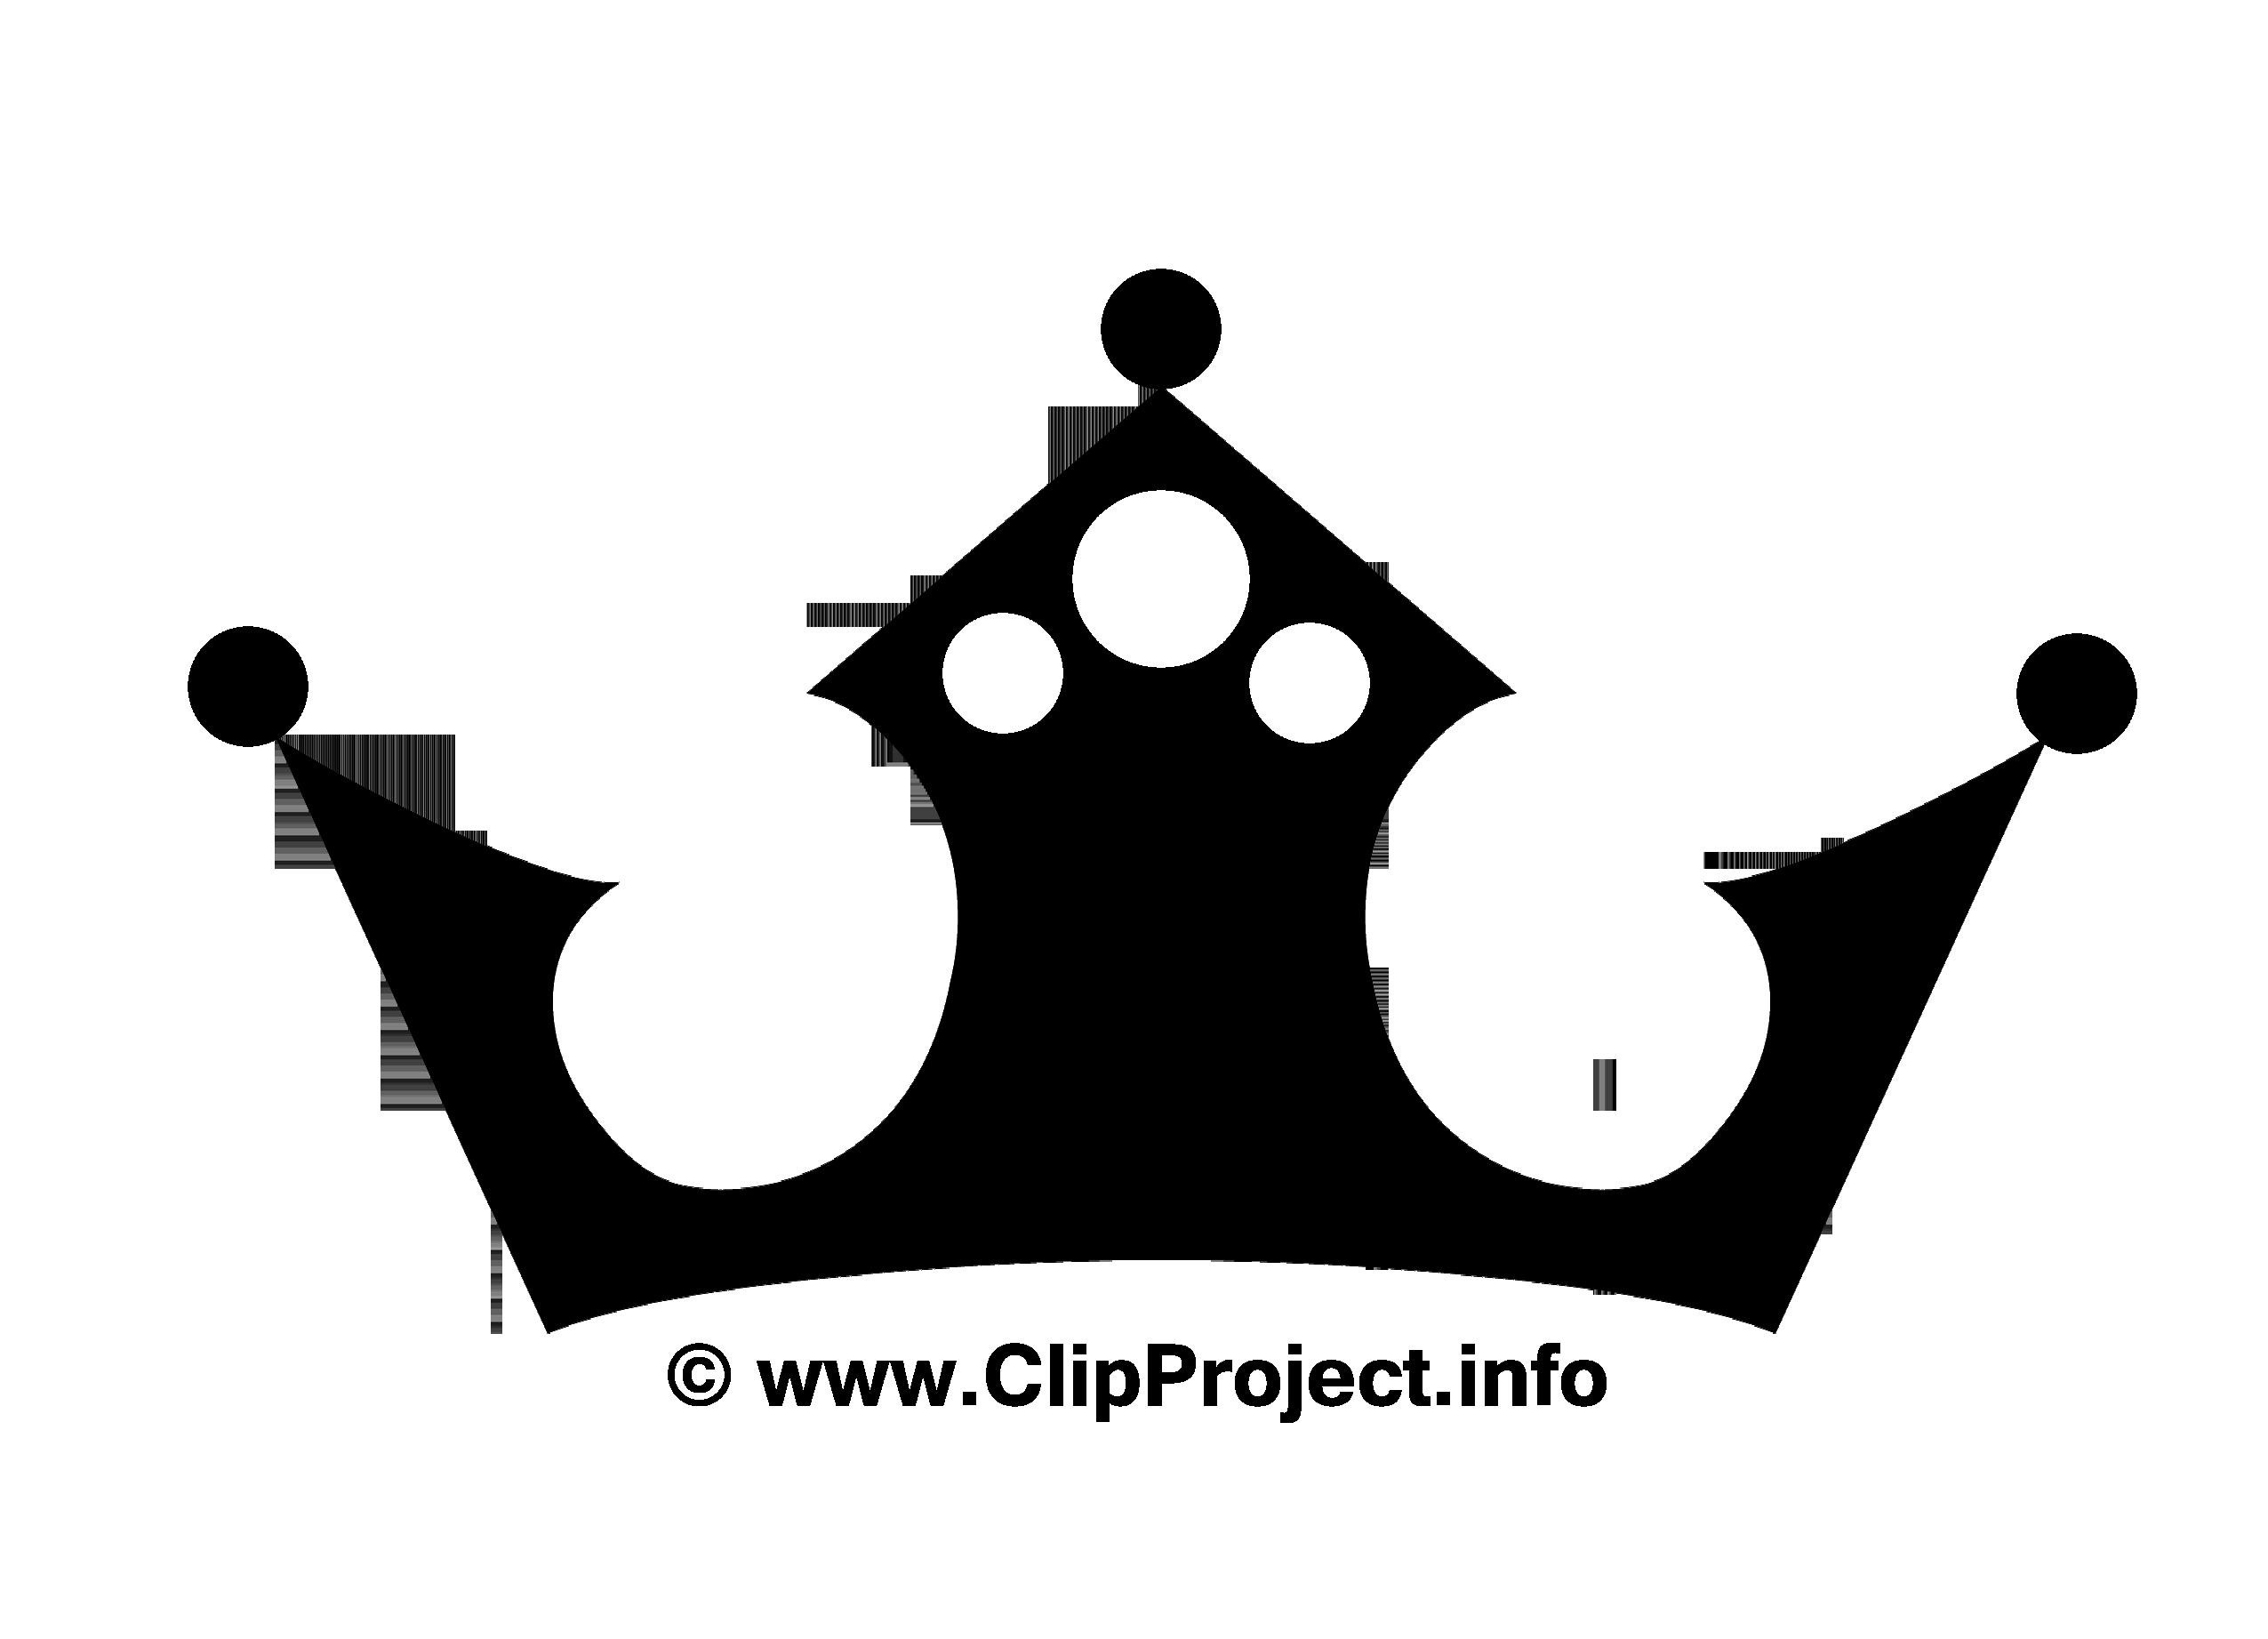 couronne images - noir et blanc clip art gratuit